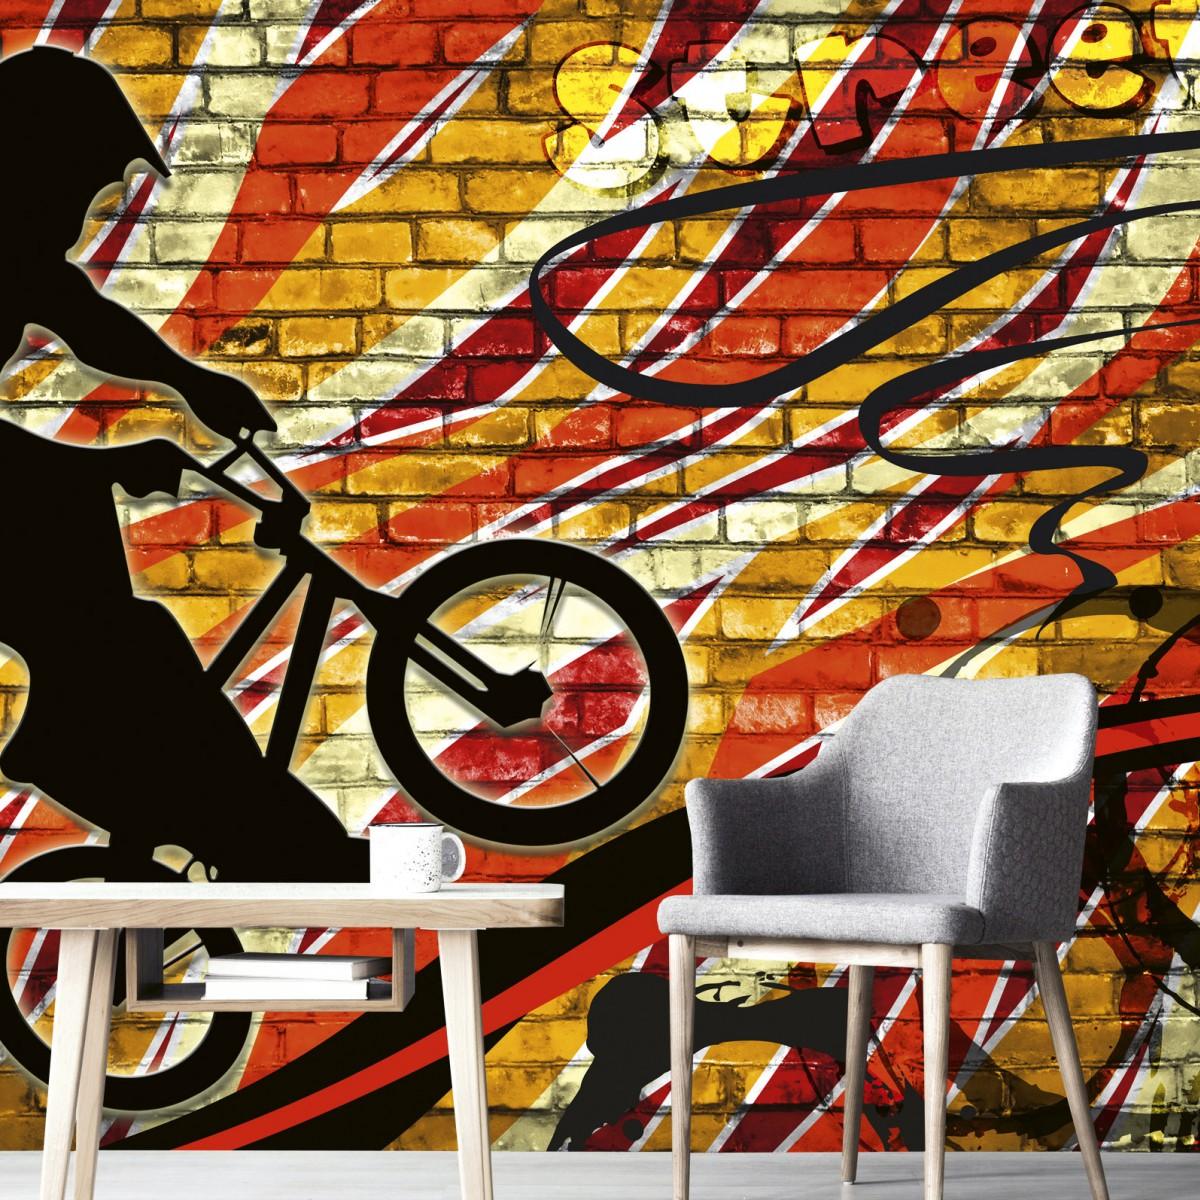 Foto tapet 3D Bicycle Red, Dimex, 5 fâșii, 375 x 250cm